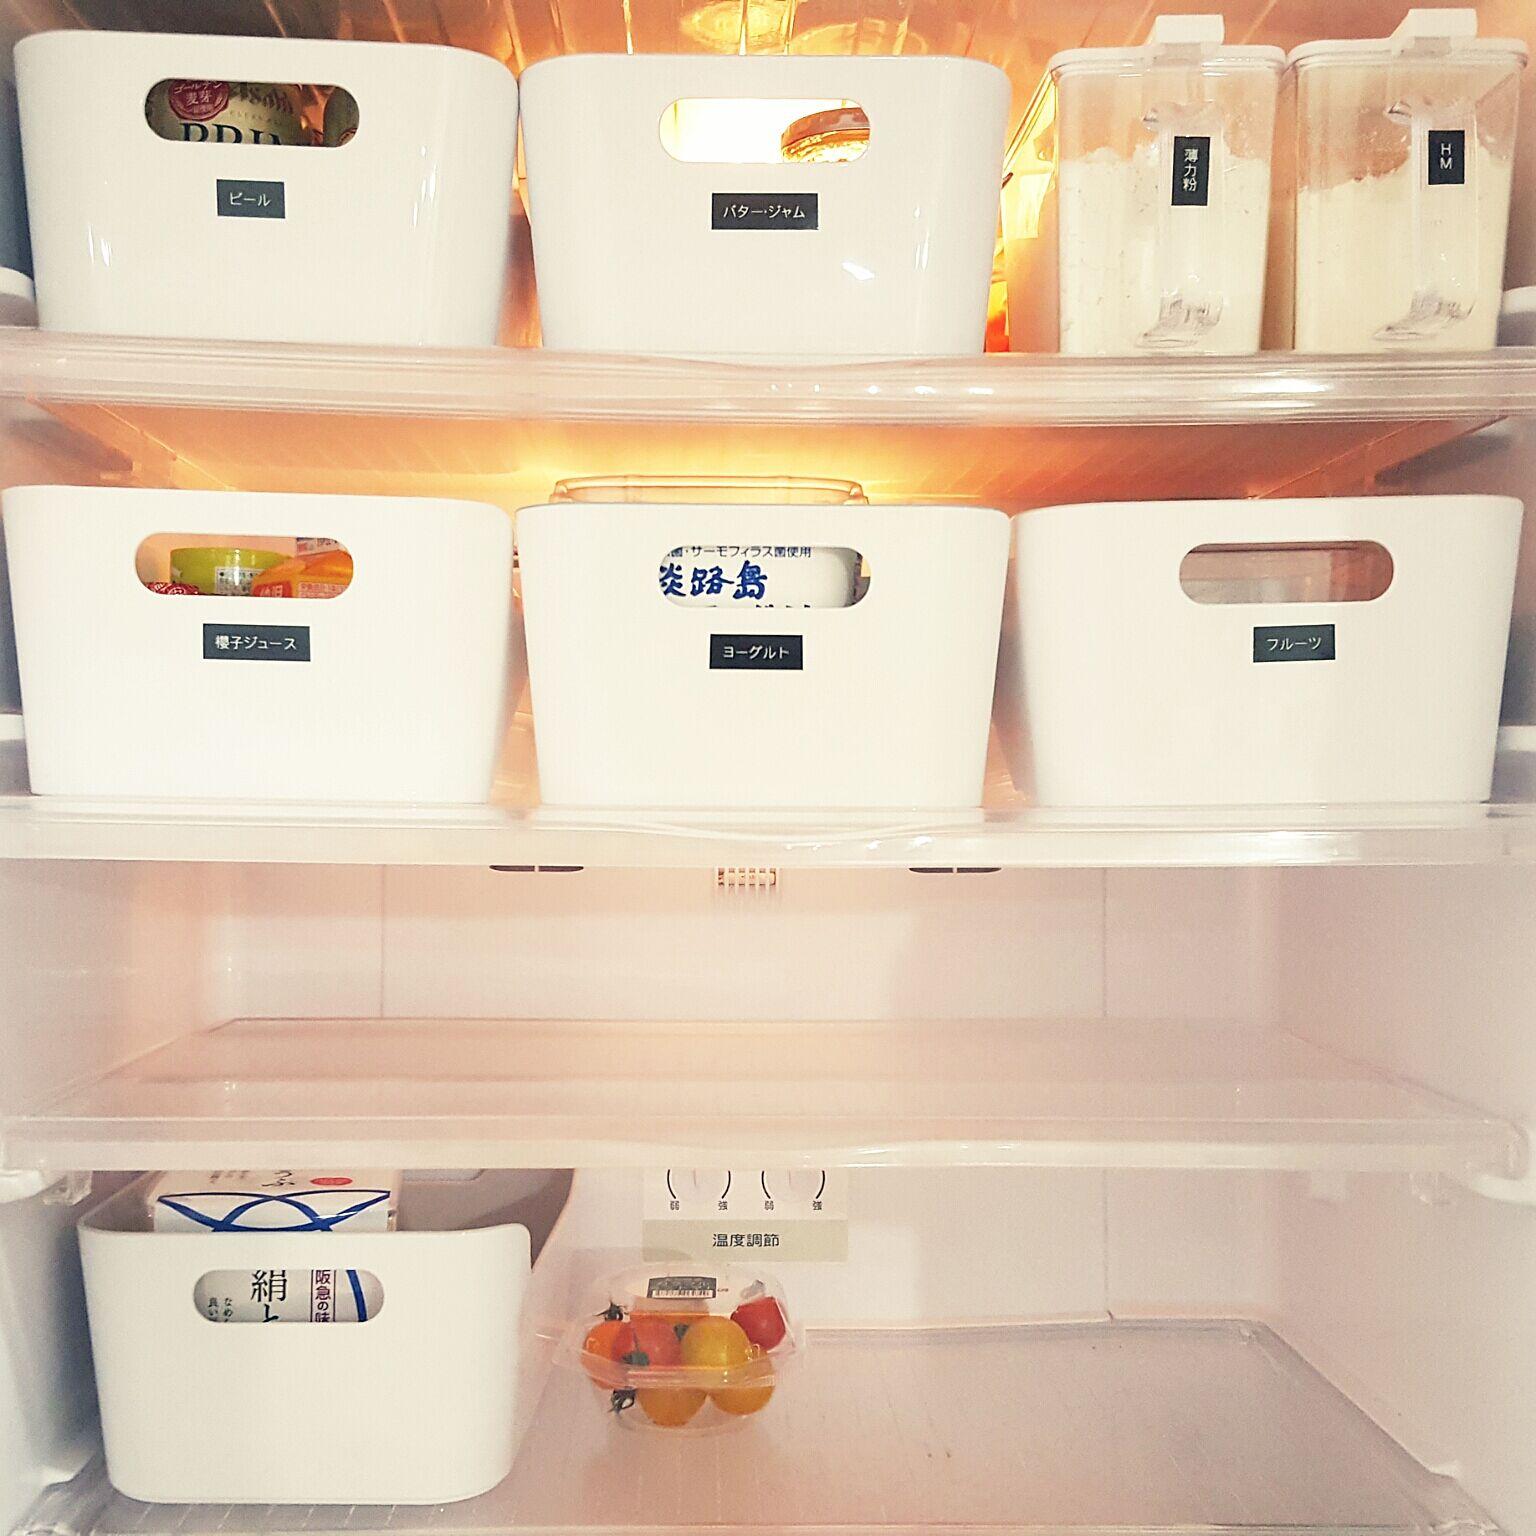 小さいサイズのヴァリエラボックスは、冷蔵庫の中の収納にもぴったりなアイテムです。ラベルシールを貼れば、何が入っているのがひと目でわかり、冷蔵庫の開閉時間も短縮出来そうです。